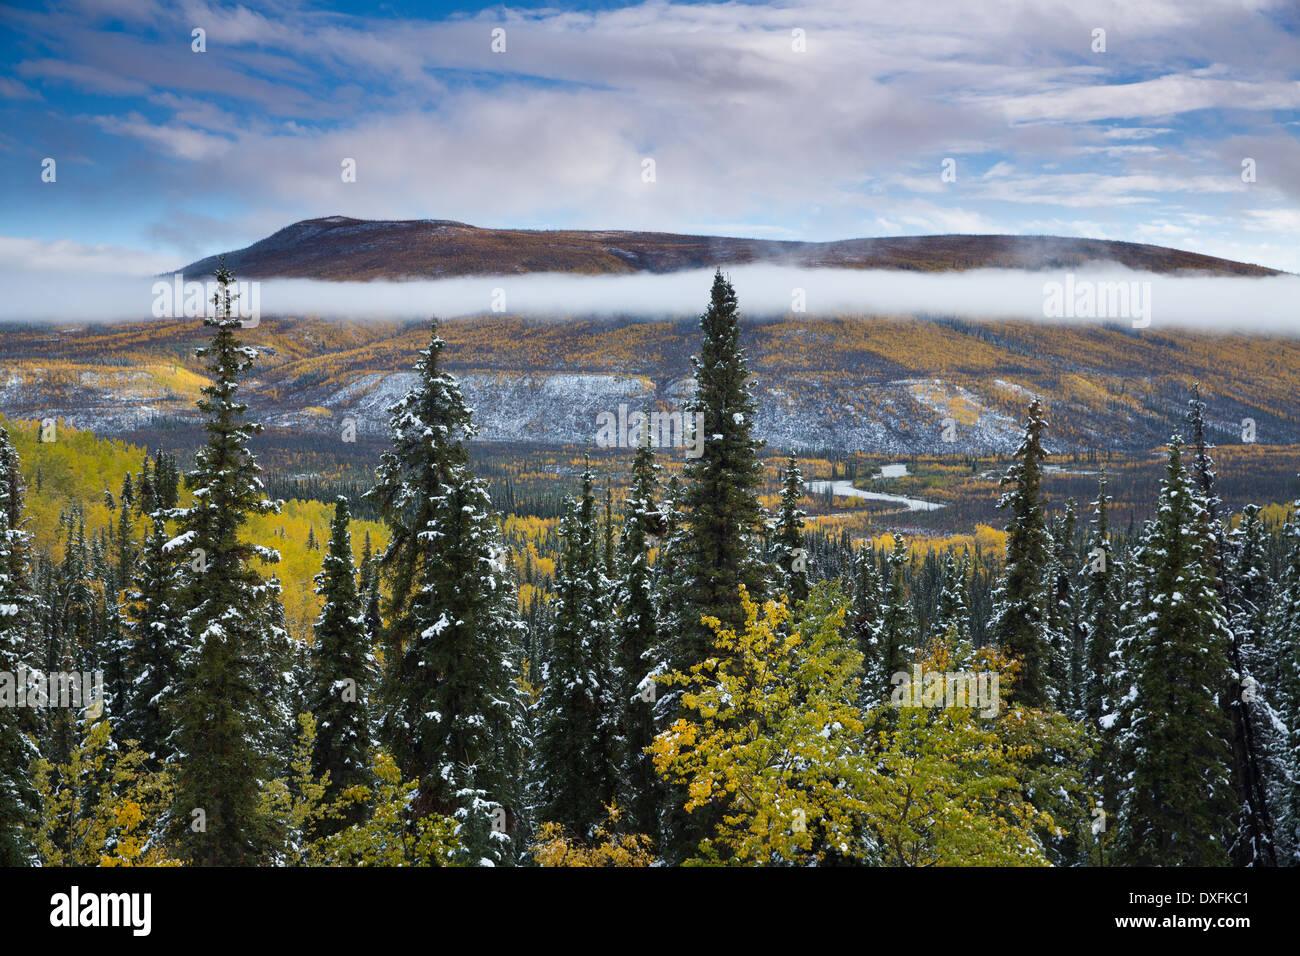 Couleurs d'automne et la première neige dans la vallée de la rivière Stewart, Territoire du Yukon, Canada Photo Stock